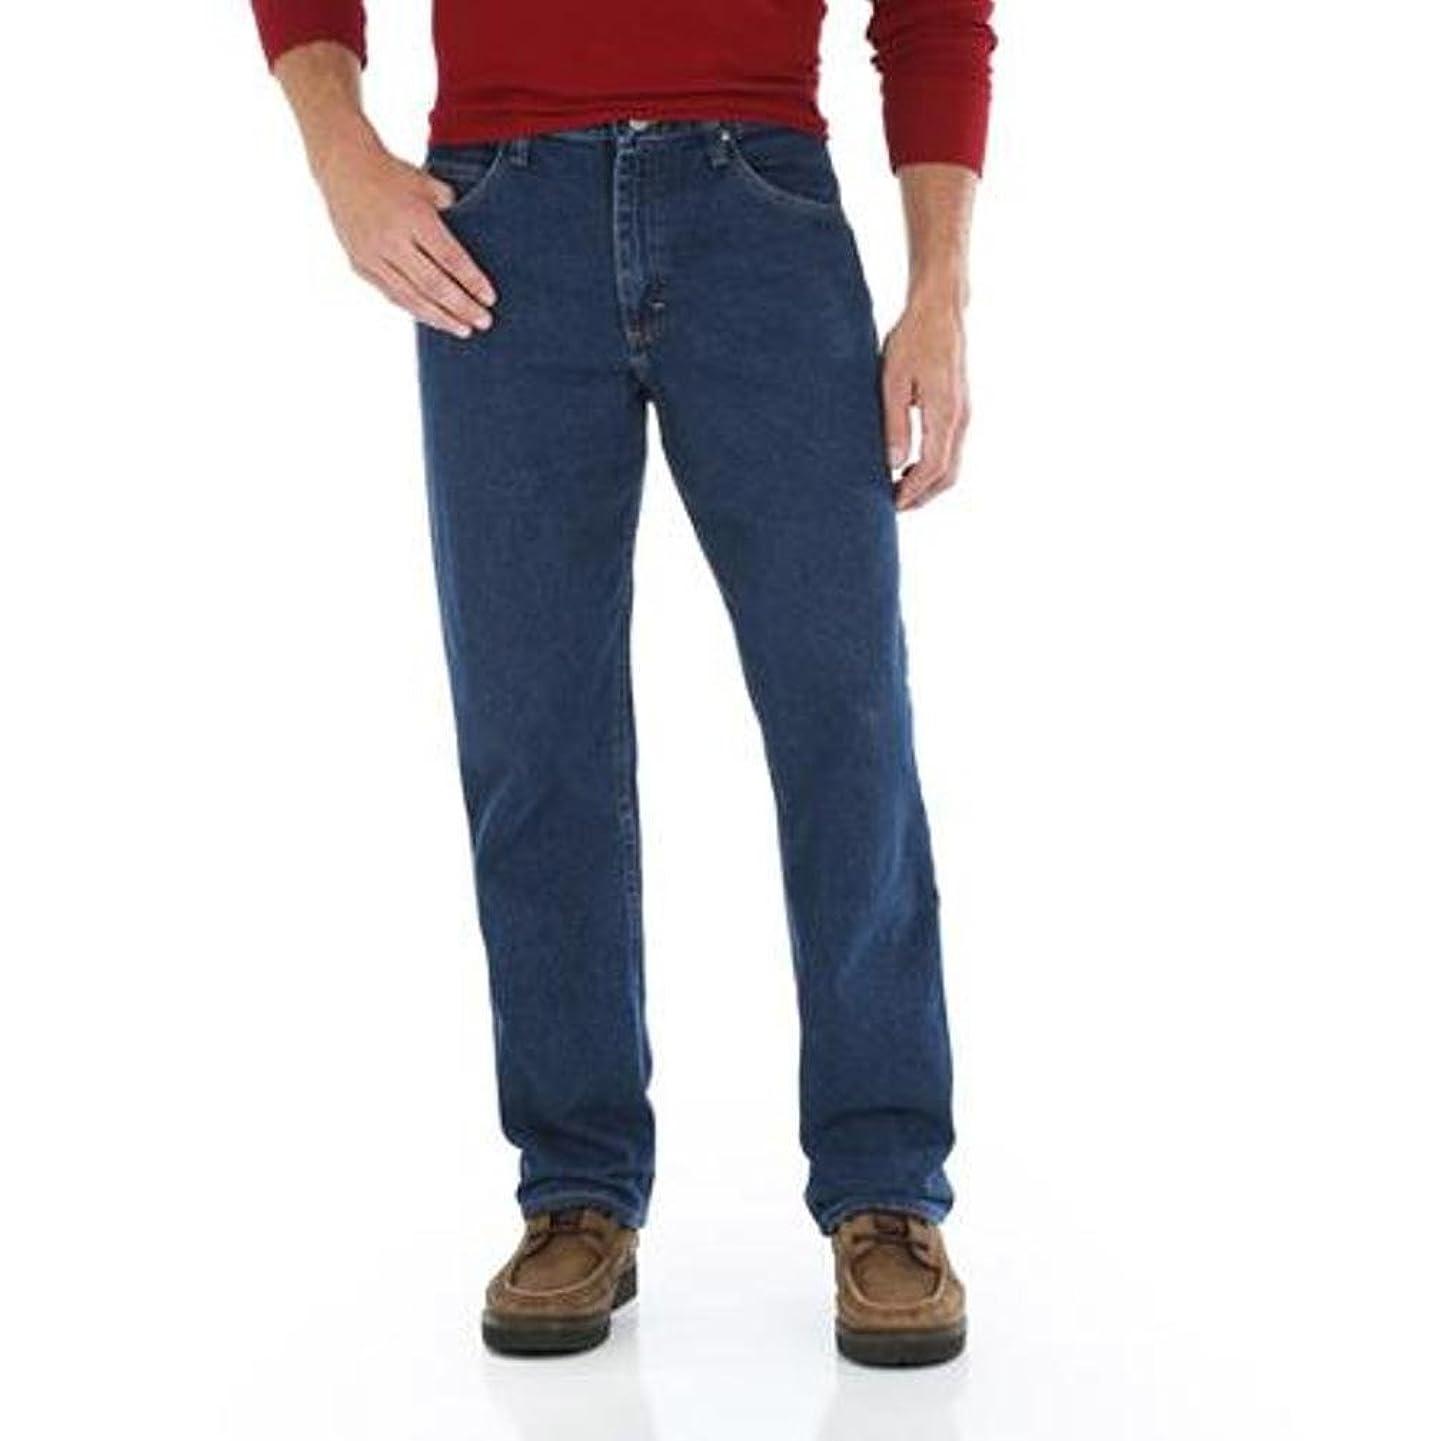 Wrangler Genuine Men's Relaxed Fit Jean (36X30, Storm Denim)